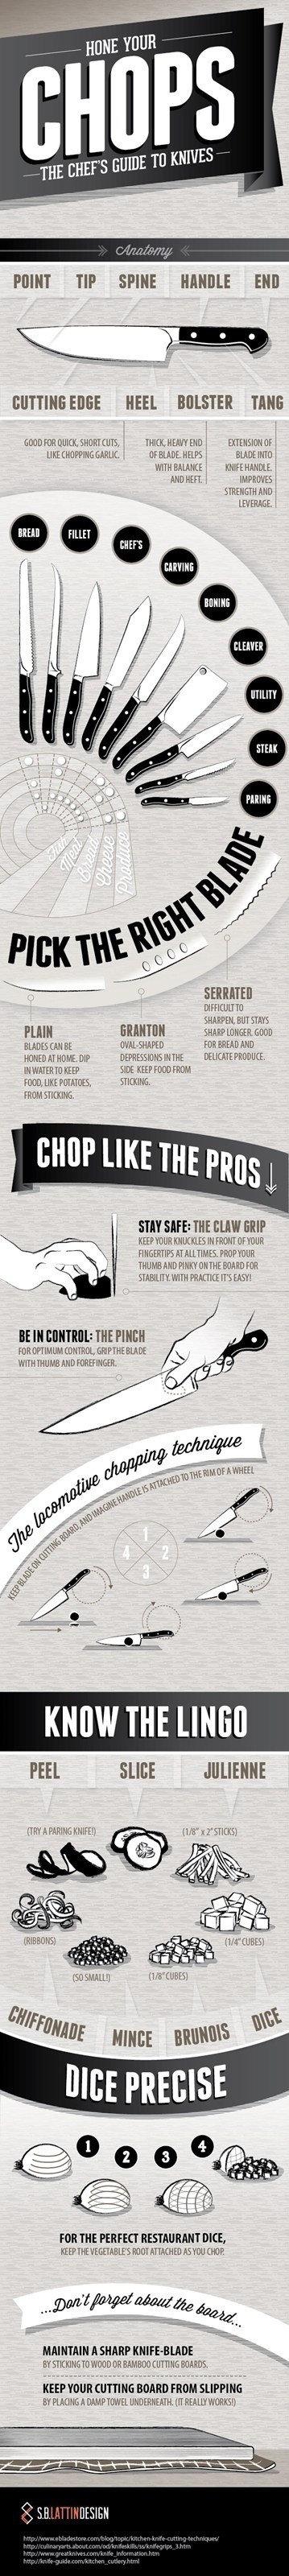 The chef's guide to knives. . MINT TIP WINE ENE HEEL MISTER LINE Milt) FUR QUEER SHEET ELITE. THICK. HRH? ENE! I BITE HEIDI'S f) f l, STRENGTH Ann I jtt ill? f  knives chef